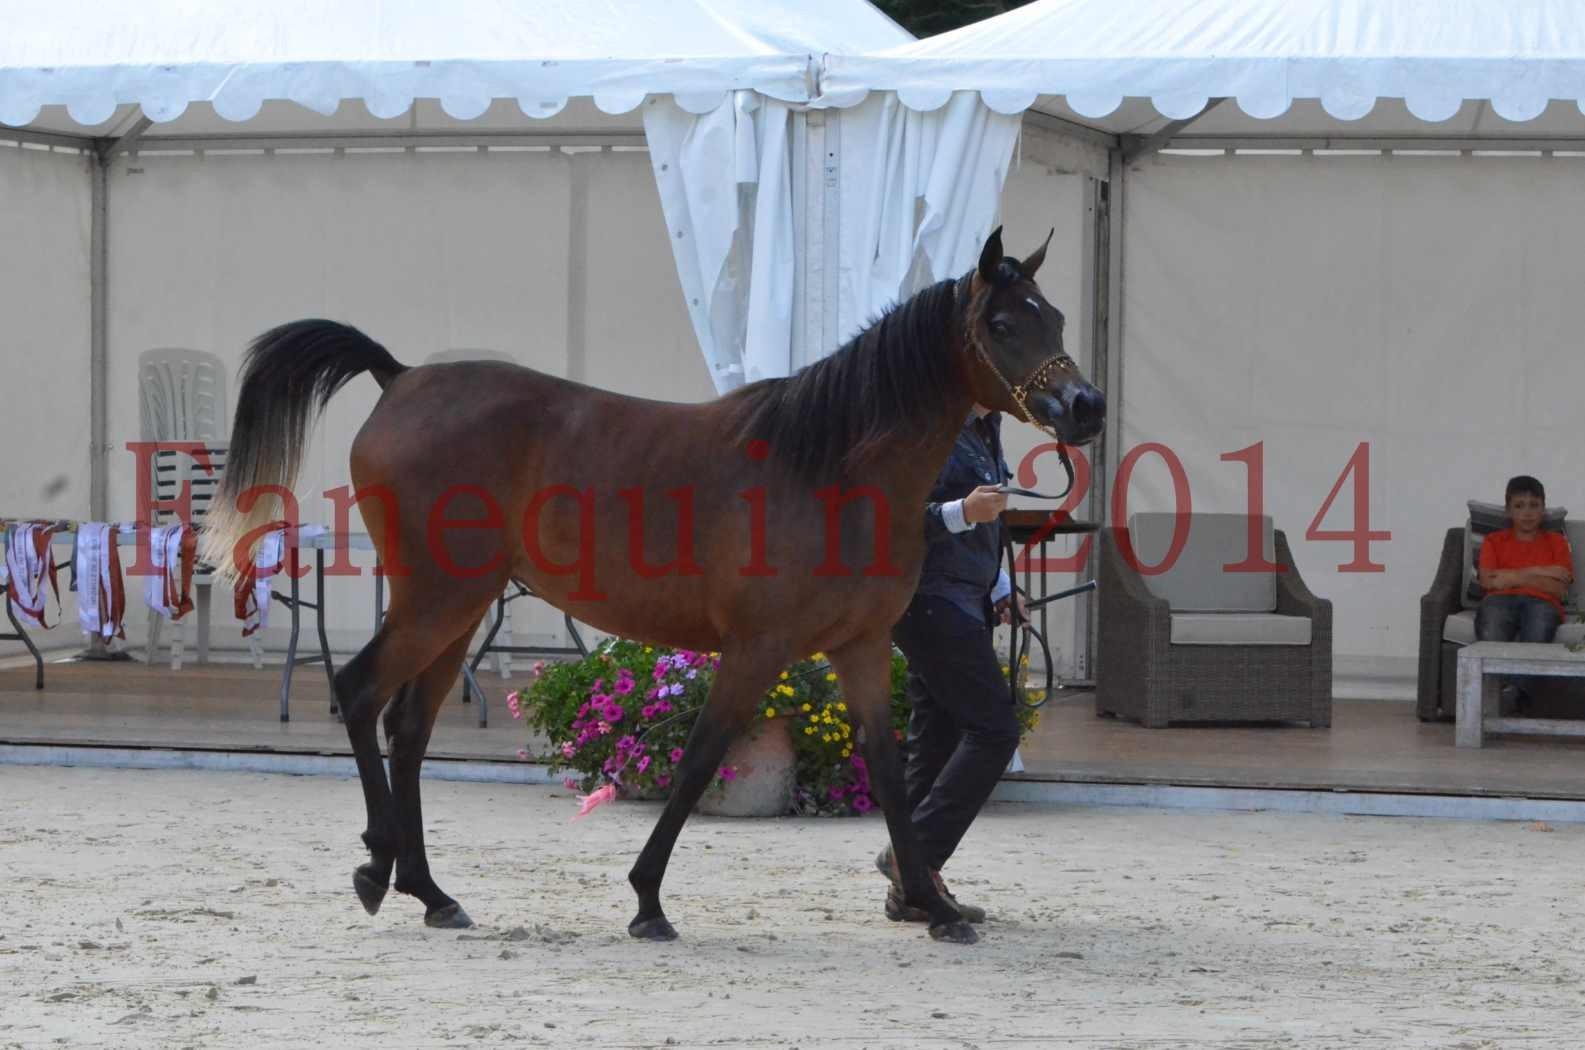 Championnat de FRANCE 2014 - Amateurs - KAL'ELLE D'ELHORIA - 29